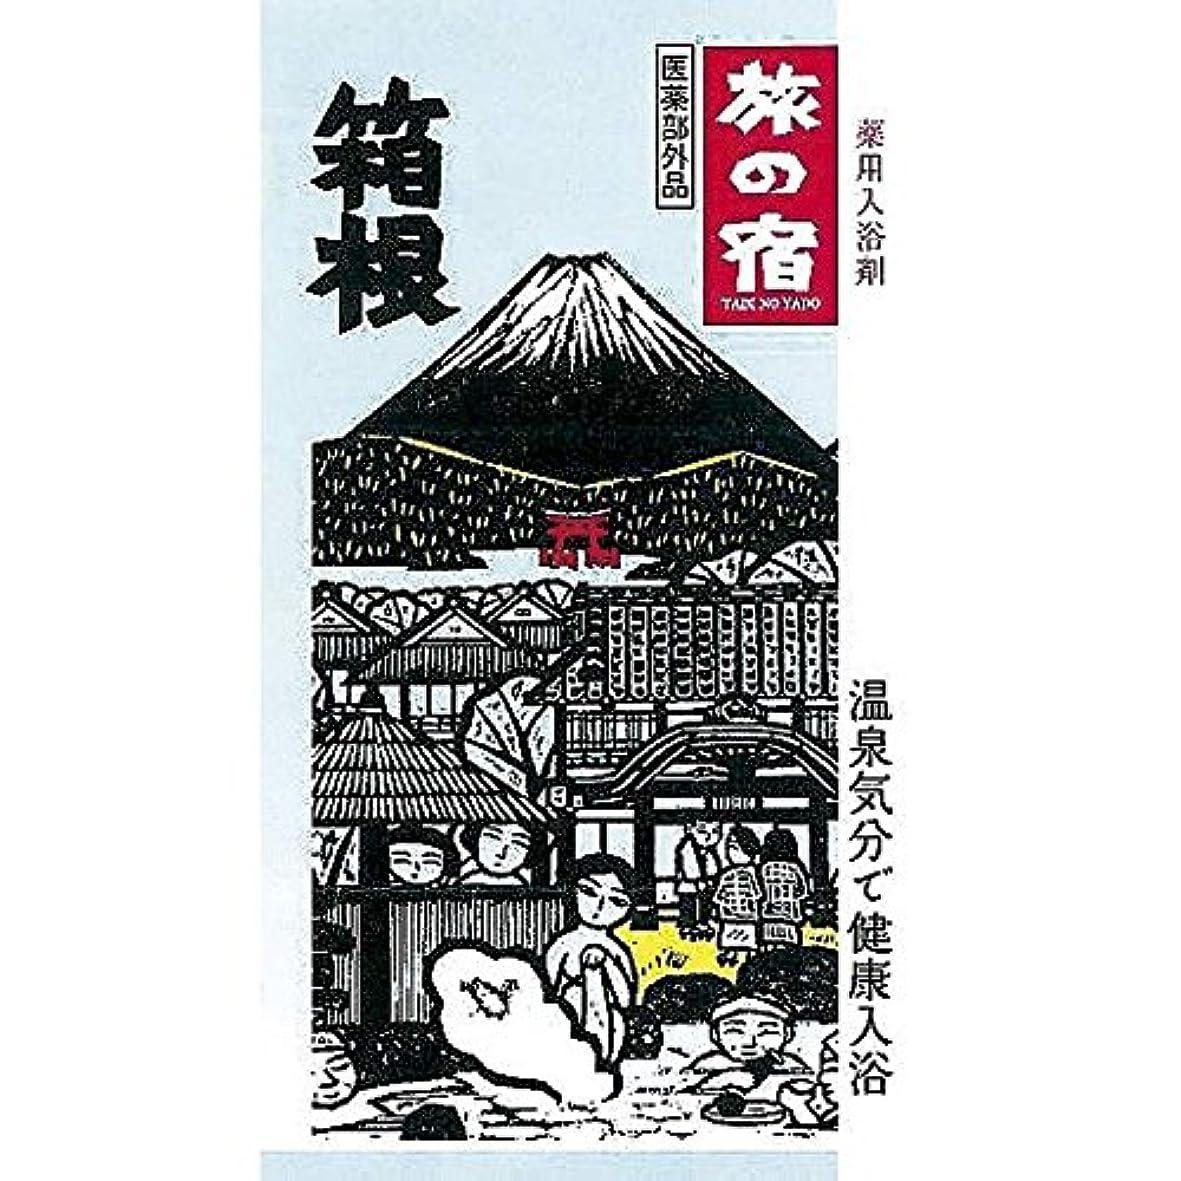 治すコンパス火クラシエ 旅の宿 分包(1P) 箱根 80686 (B525-06)